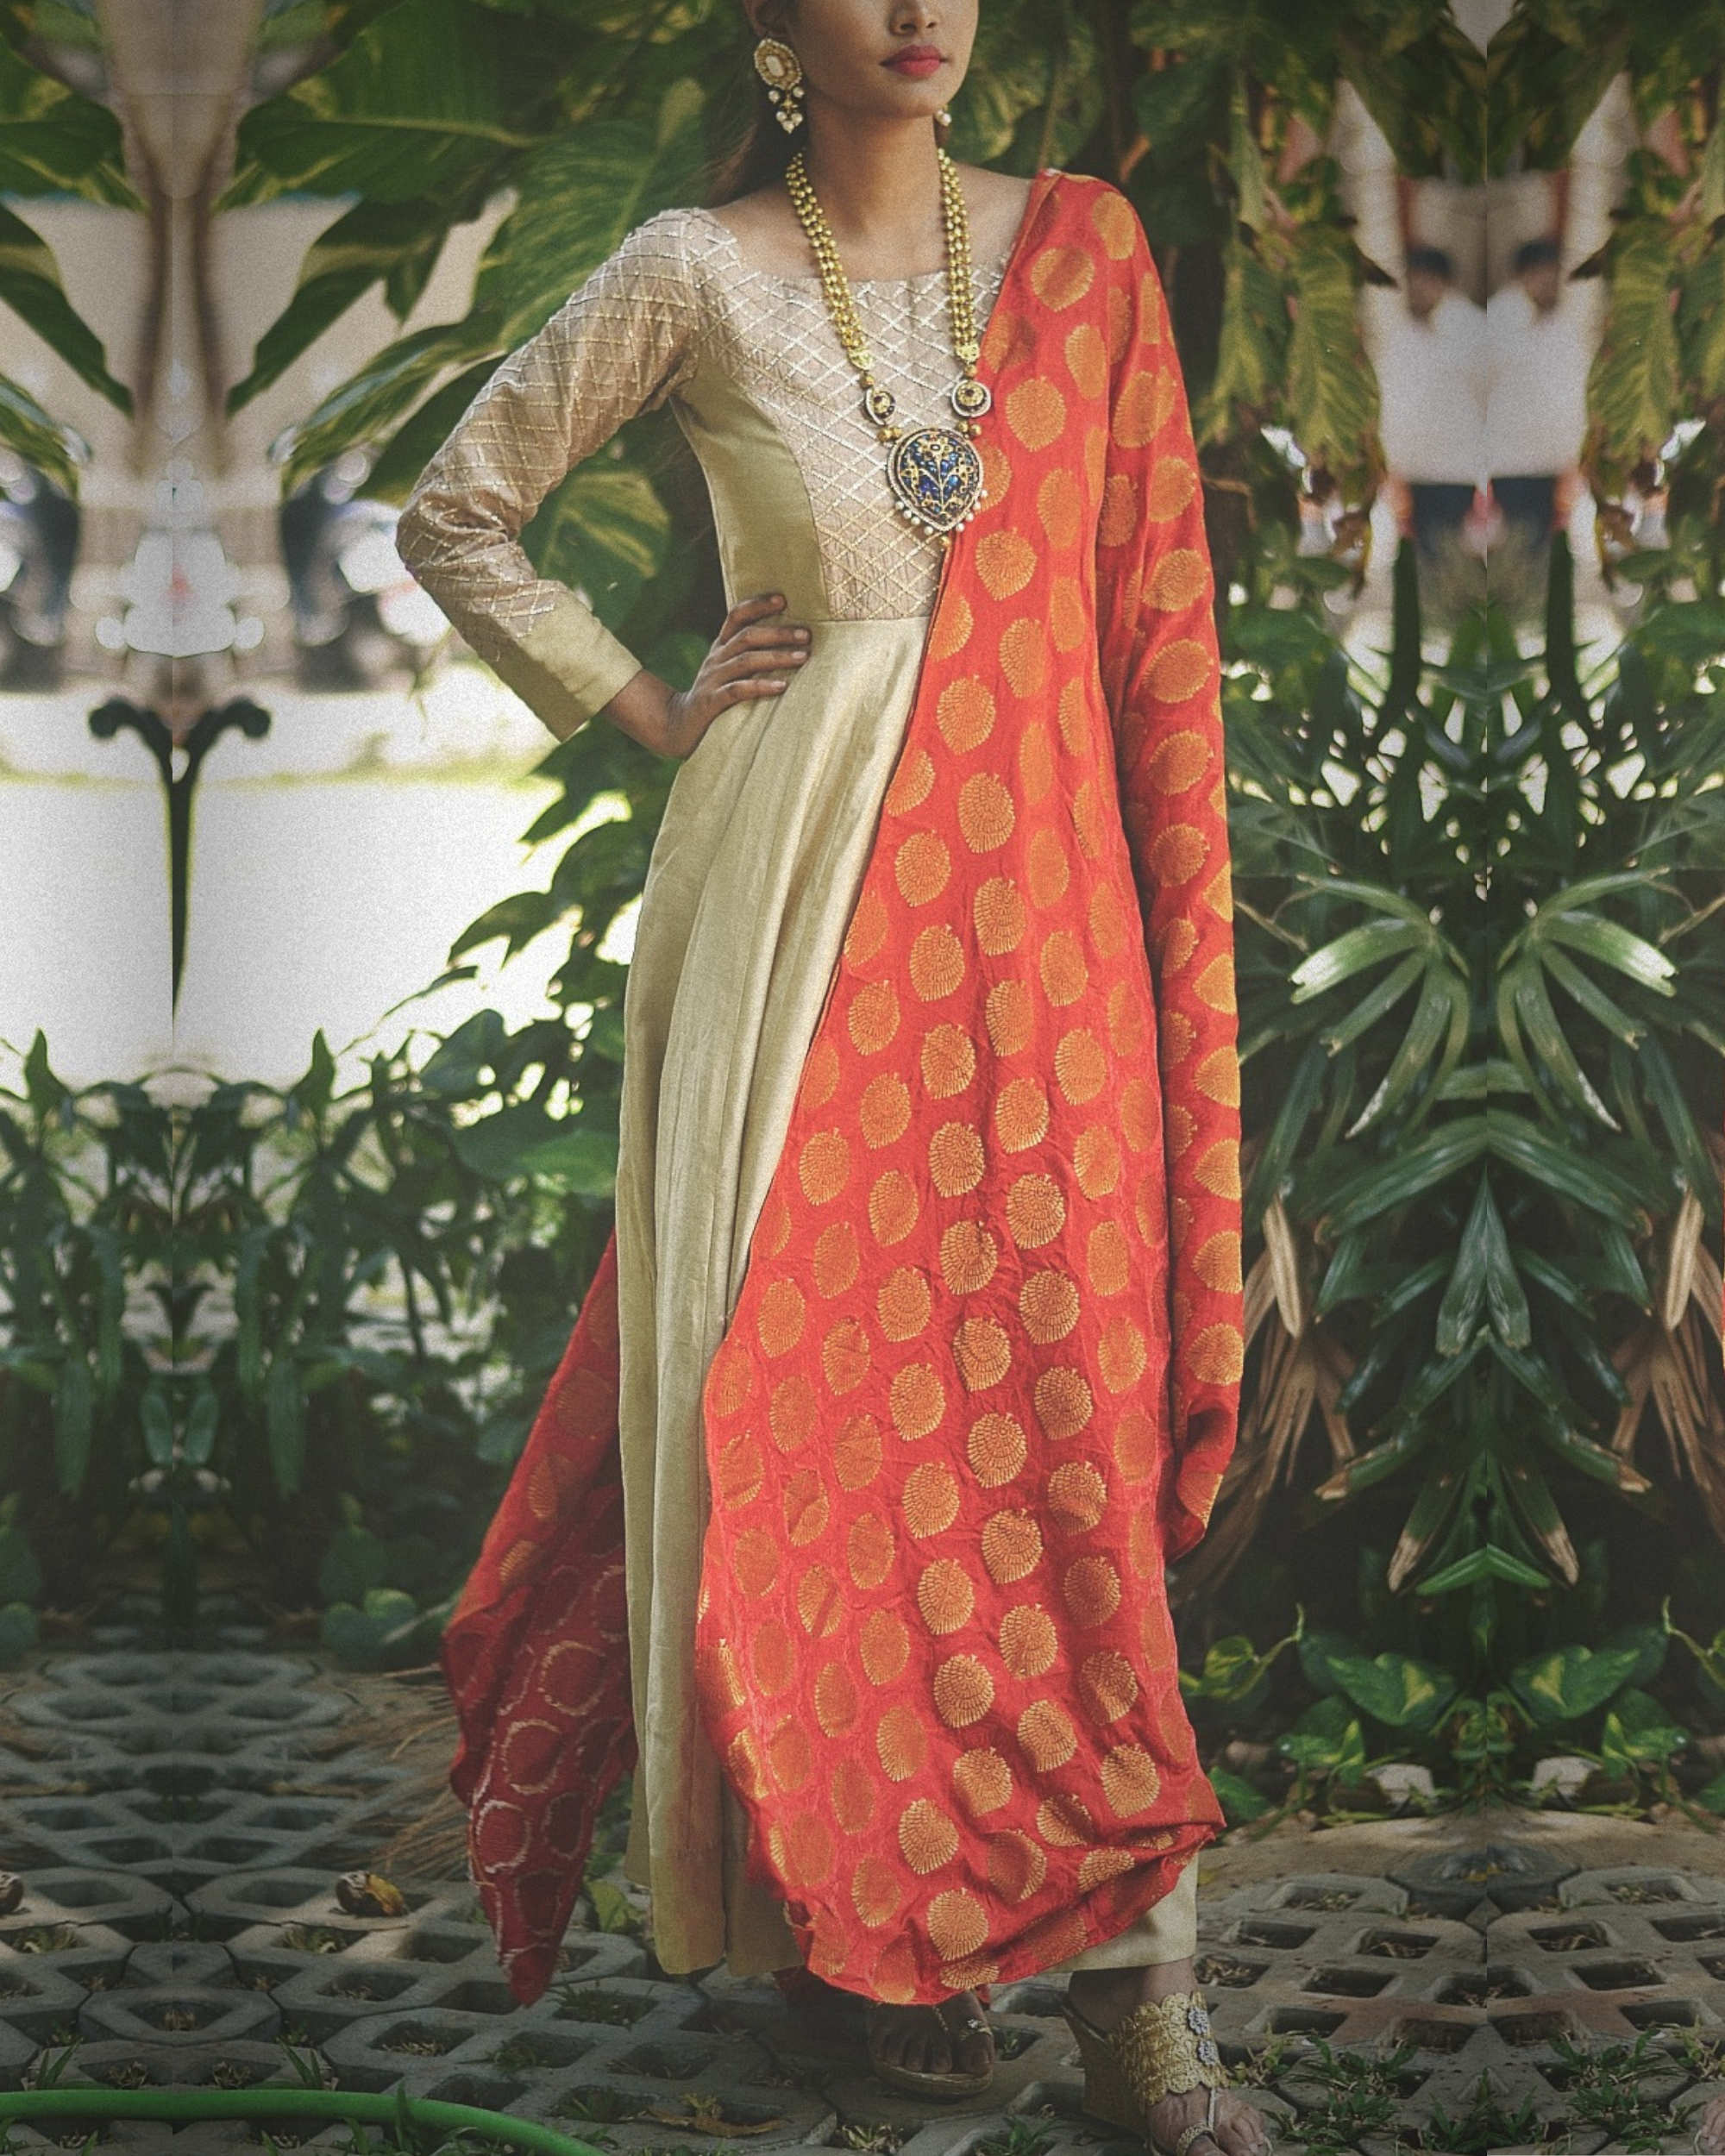 Yoke embellished dress with dupatta - Set of two